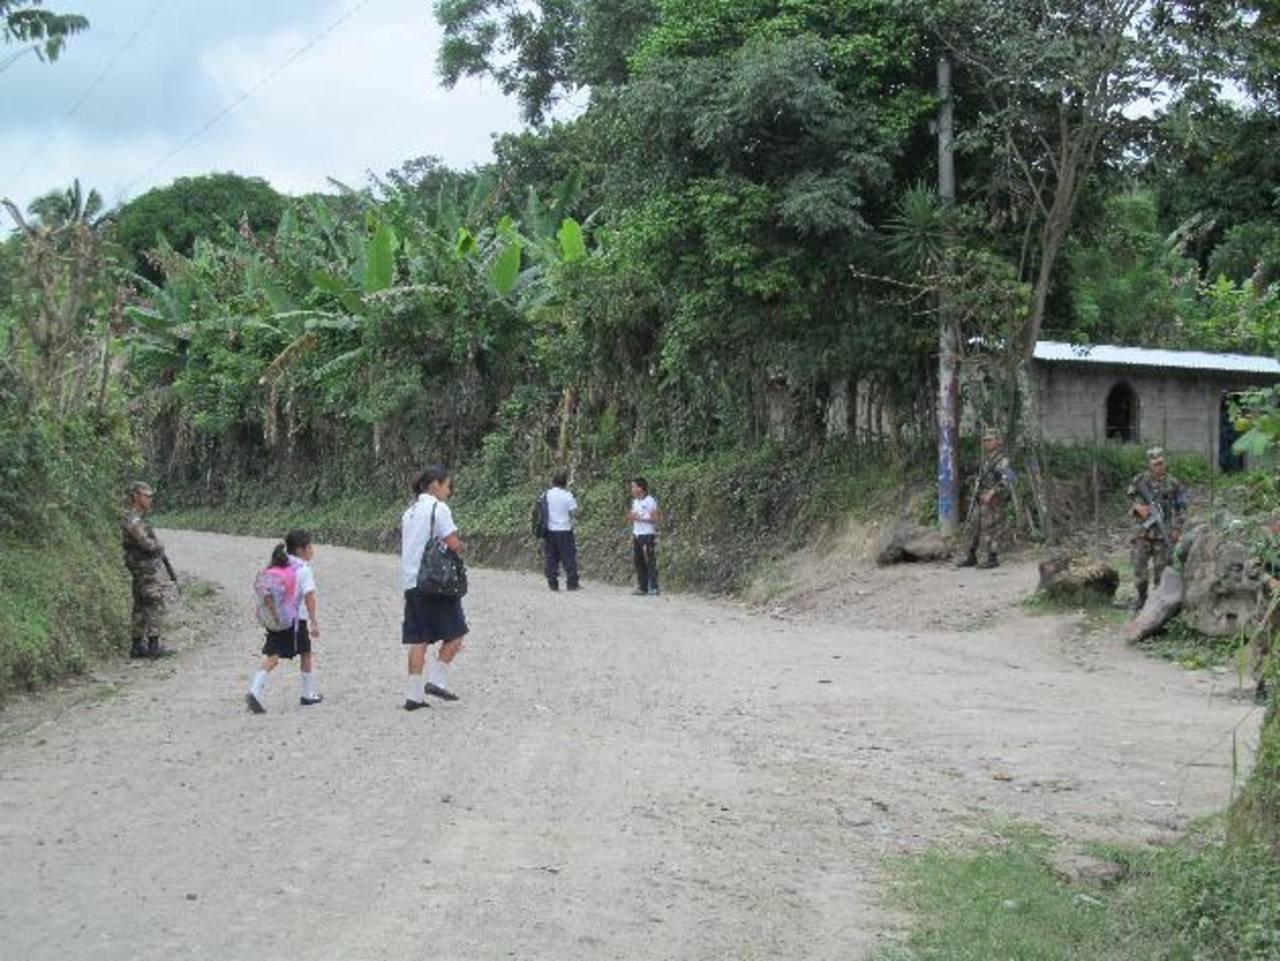 Un grupo de soldados fue visto en el cantón El Paraíso el viernes 20 de septiembre anterior, estacionado en un tramo de la calle. Fue lo único en cuanto a labores de seguridad que un equipo de este periódico observó en el sector en tres días. Foto ED